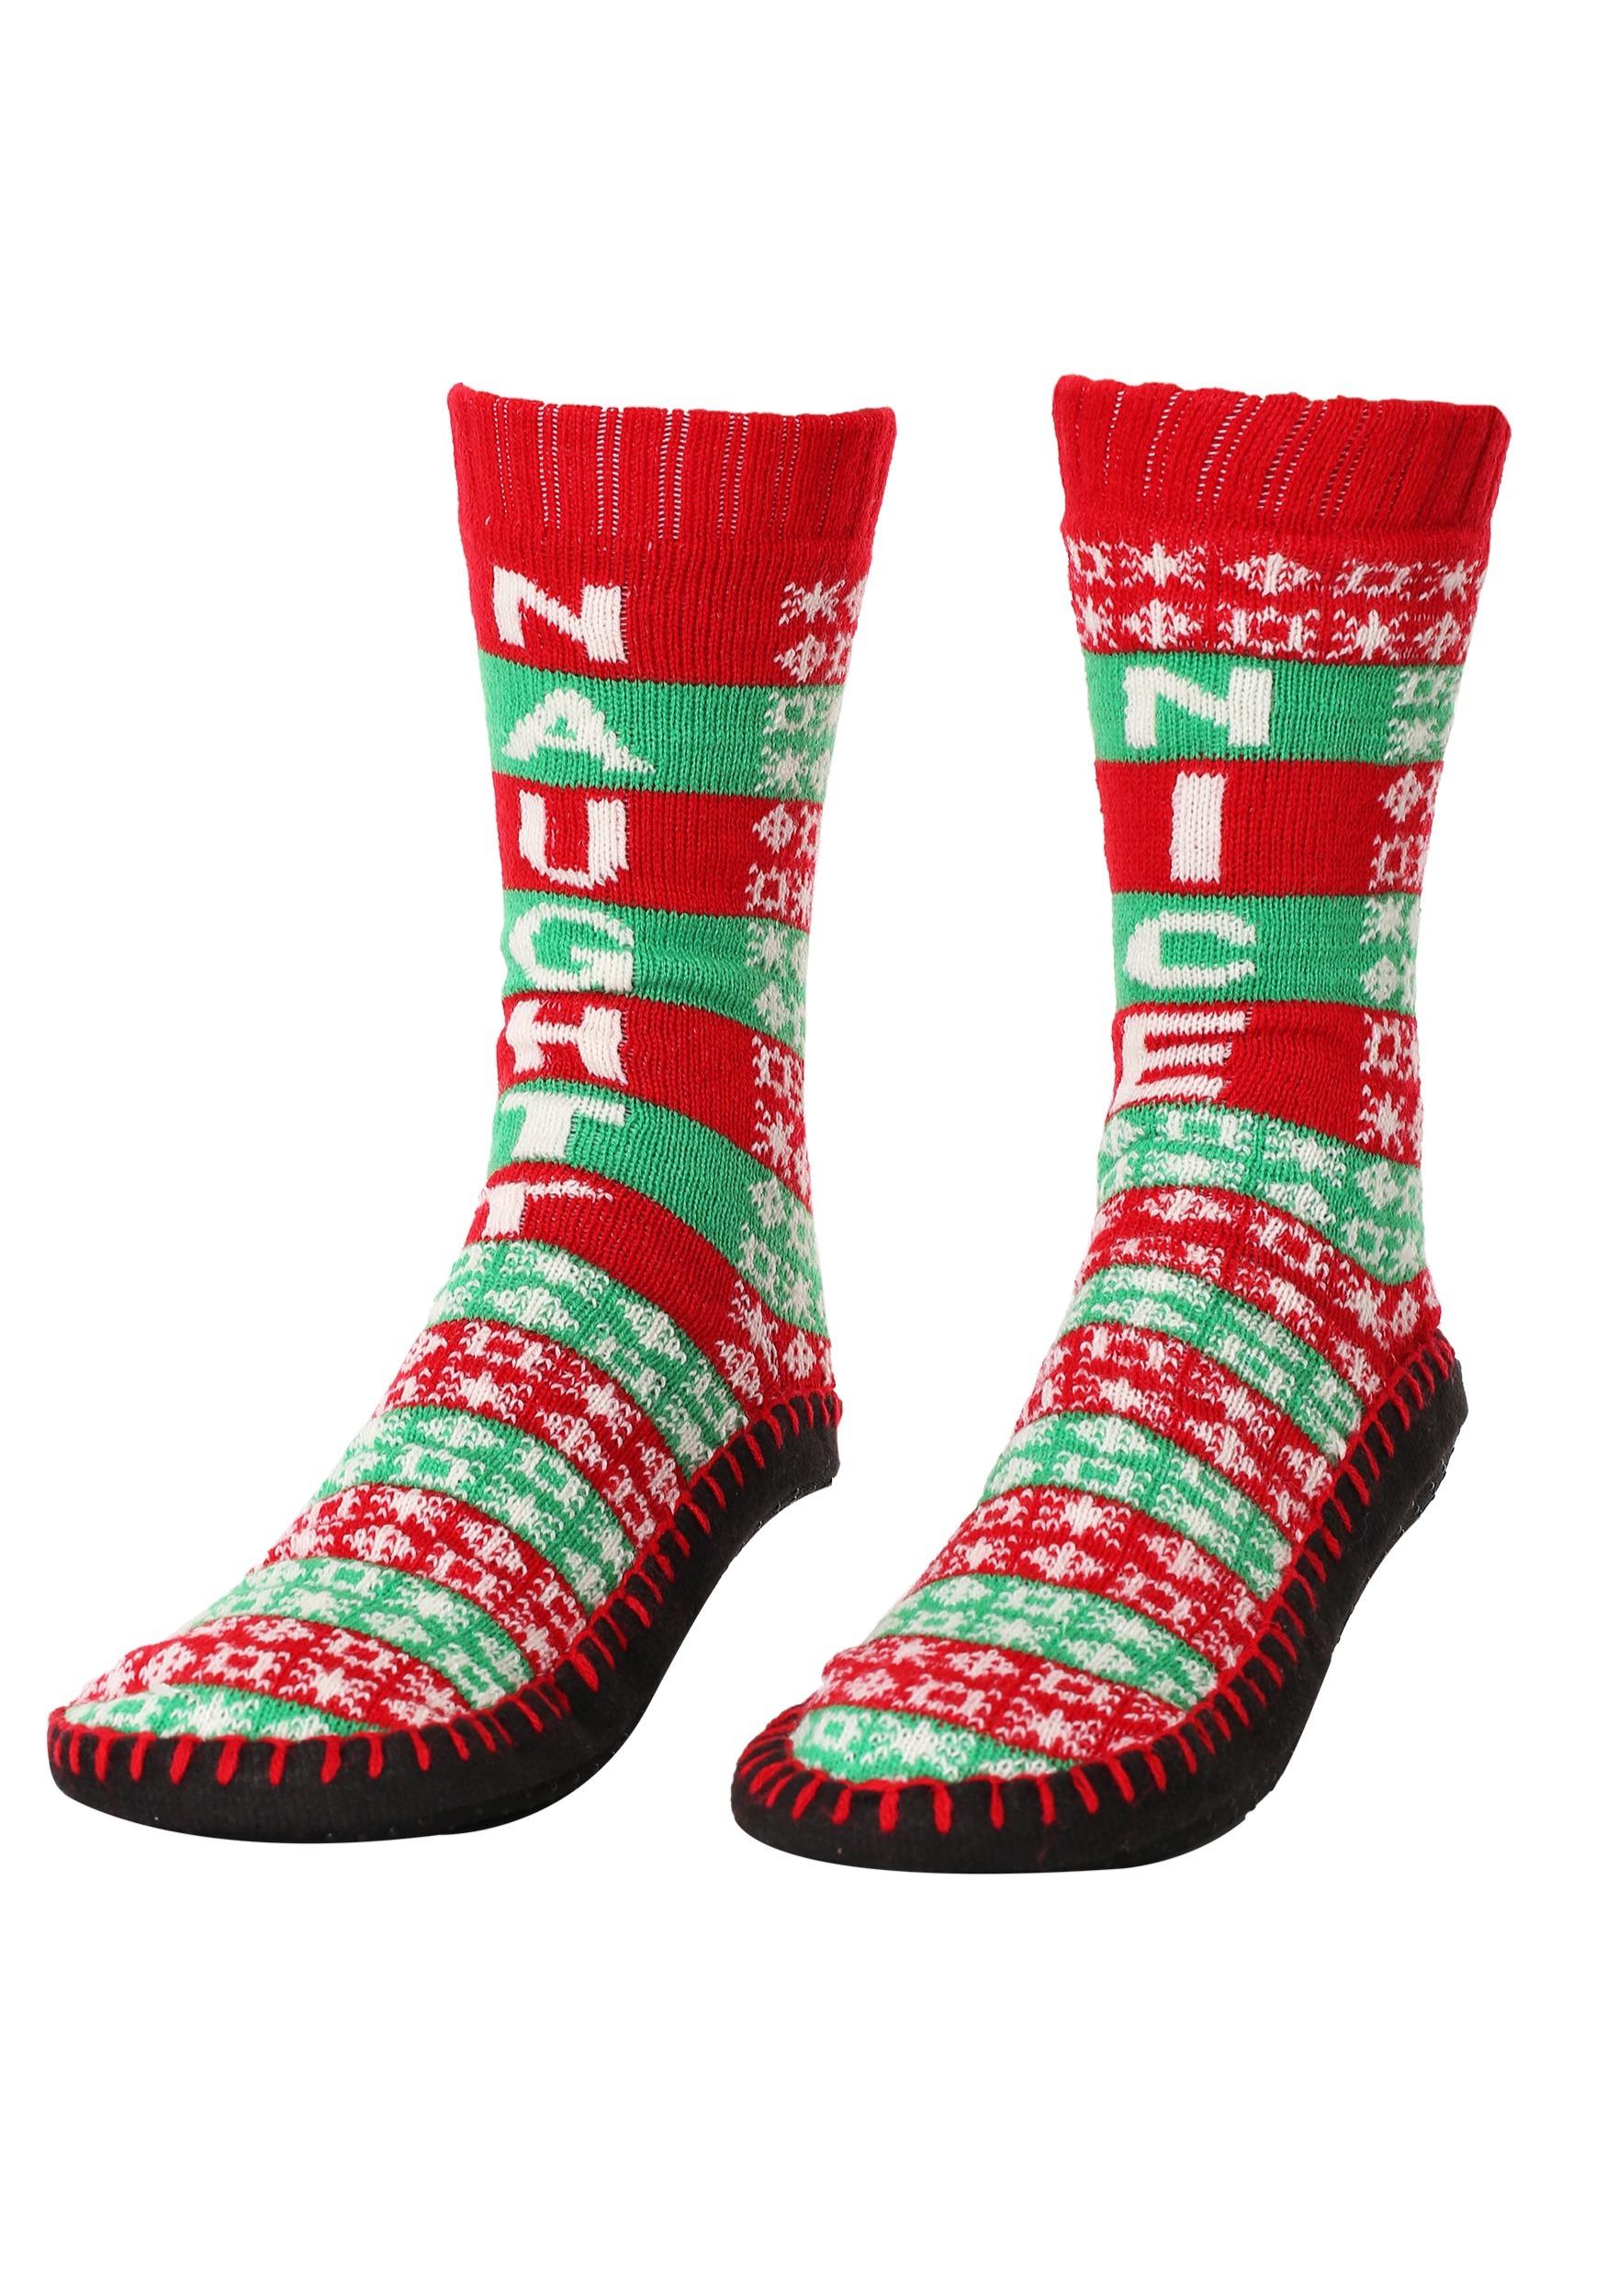 Women's Naughty or Nice Knit Christmas Slipper Socks